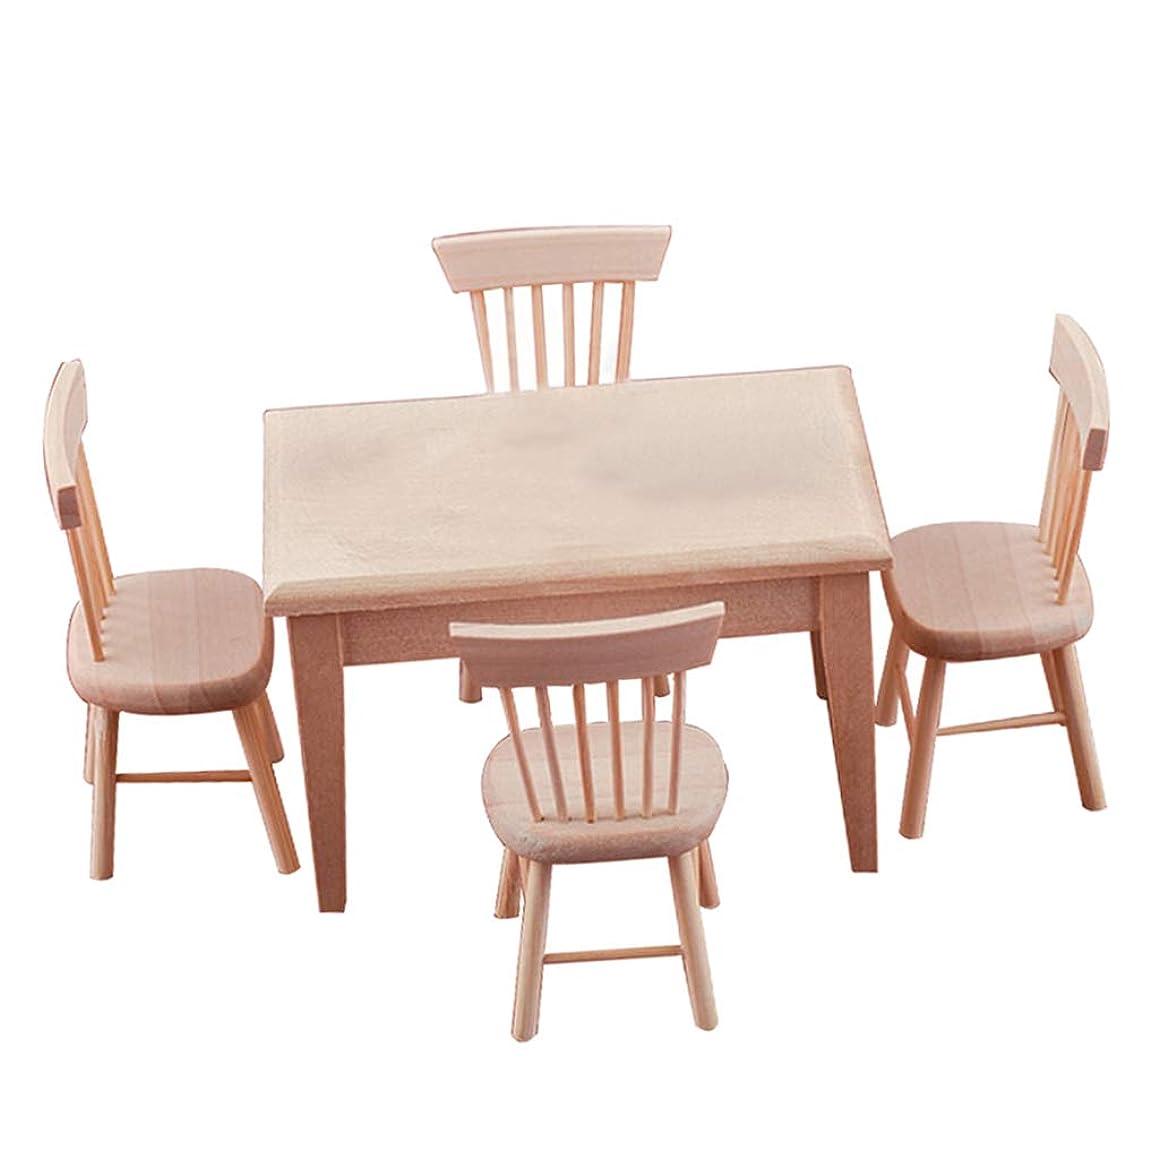 フラッシュのように素早く急襲ピン#N/A 1/12スケール 人形の家飾り 木製家具 テーブル 椅子セット ミニチュア ライフシーン 小道具 5点入り